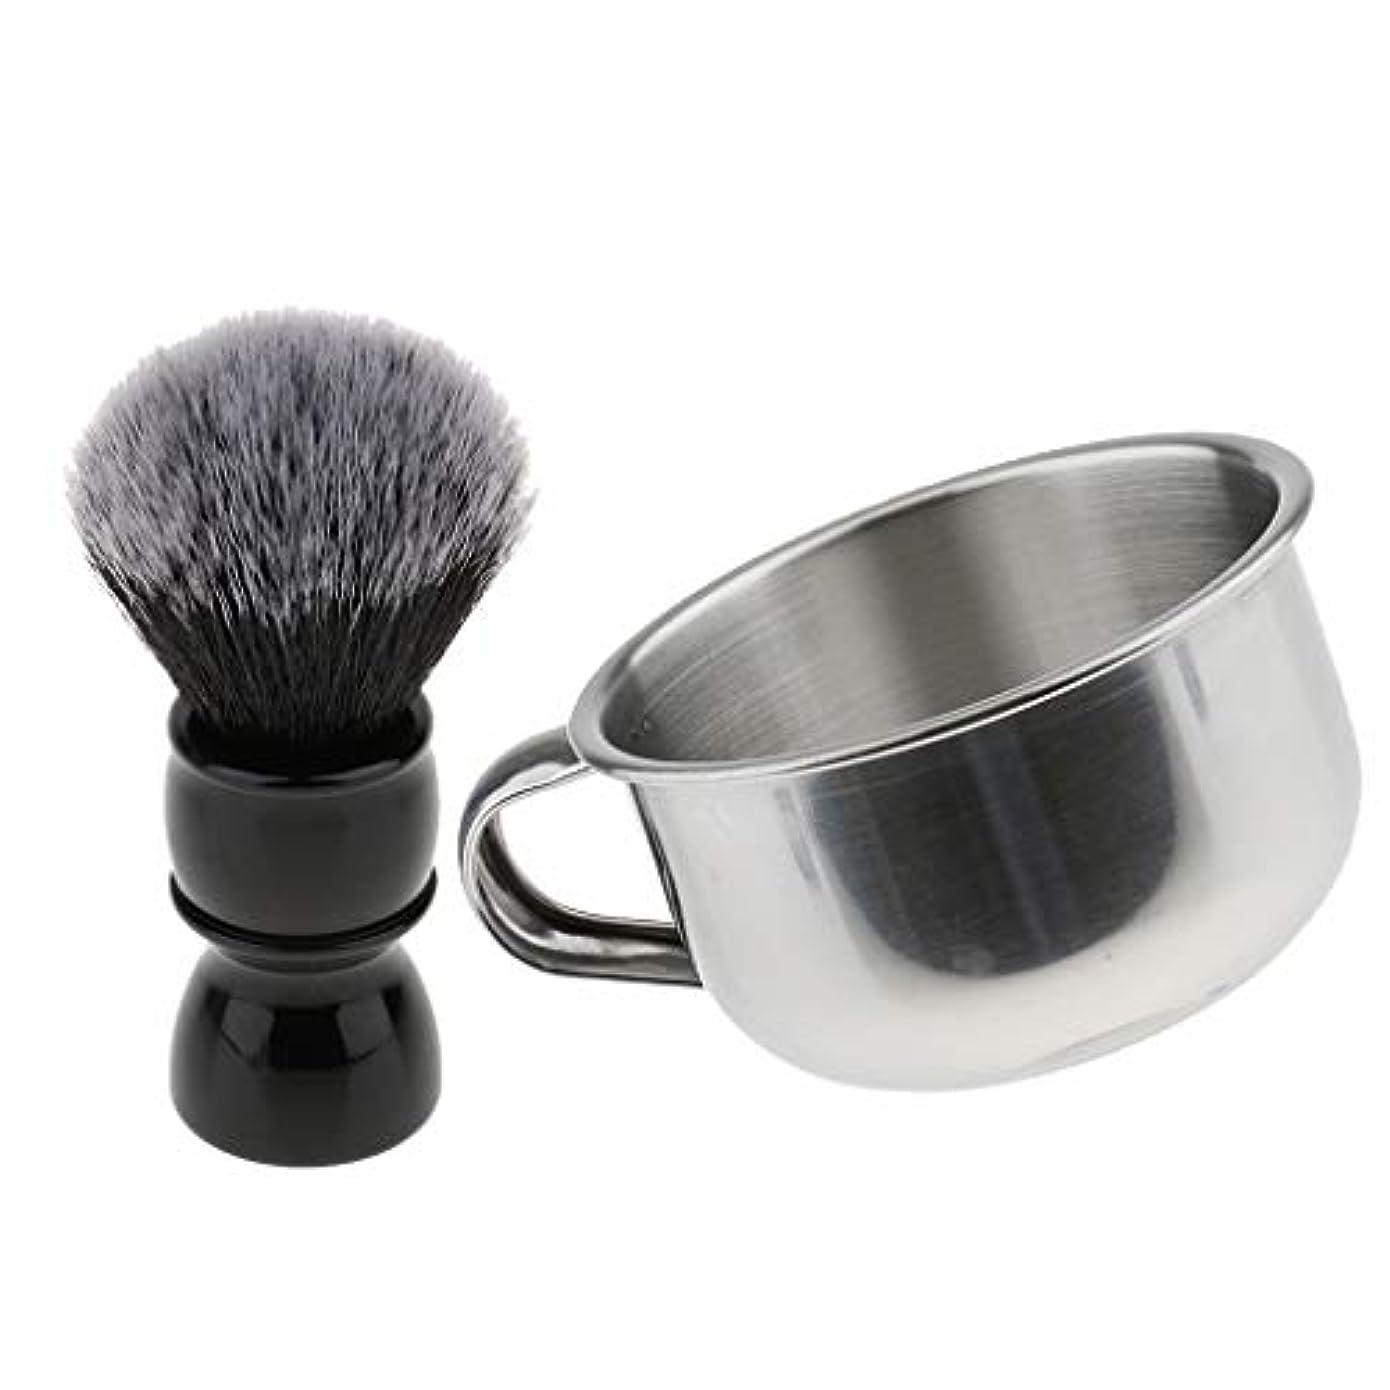 けん引幸福定期的なシェービング用 シェービングブラシ メンズ 洗顔ブラシ 理容 洗顔 髭剃り ステンレスボウル付き 2点